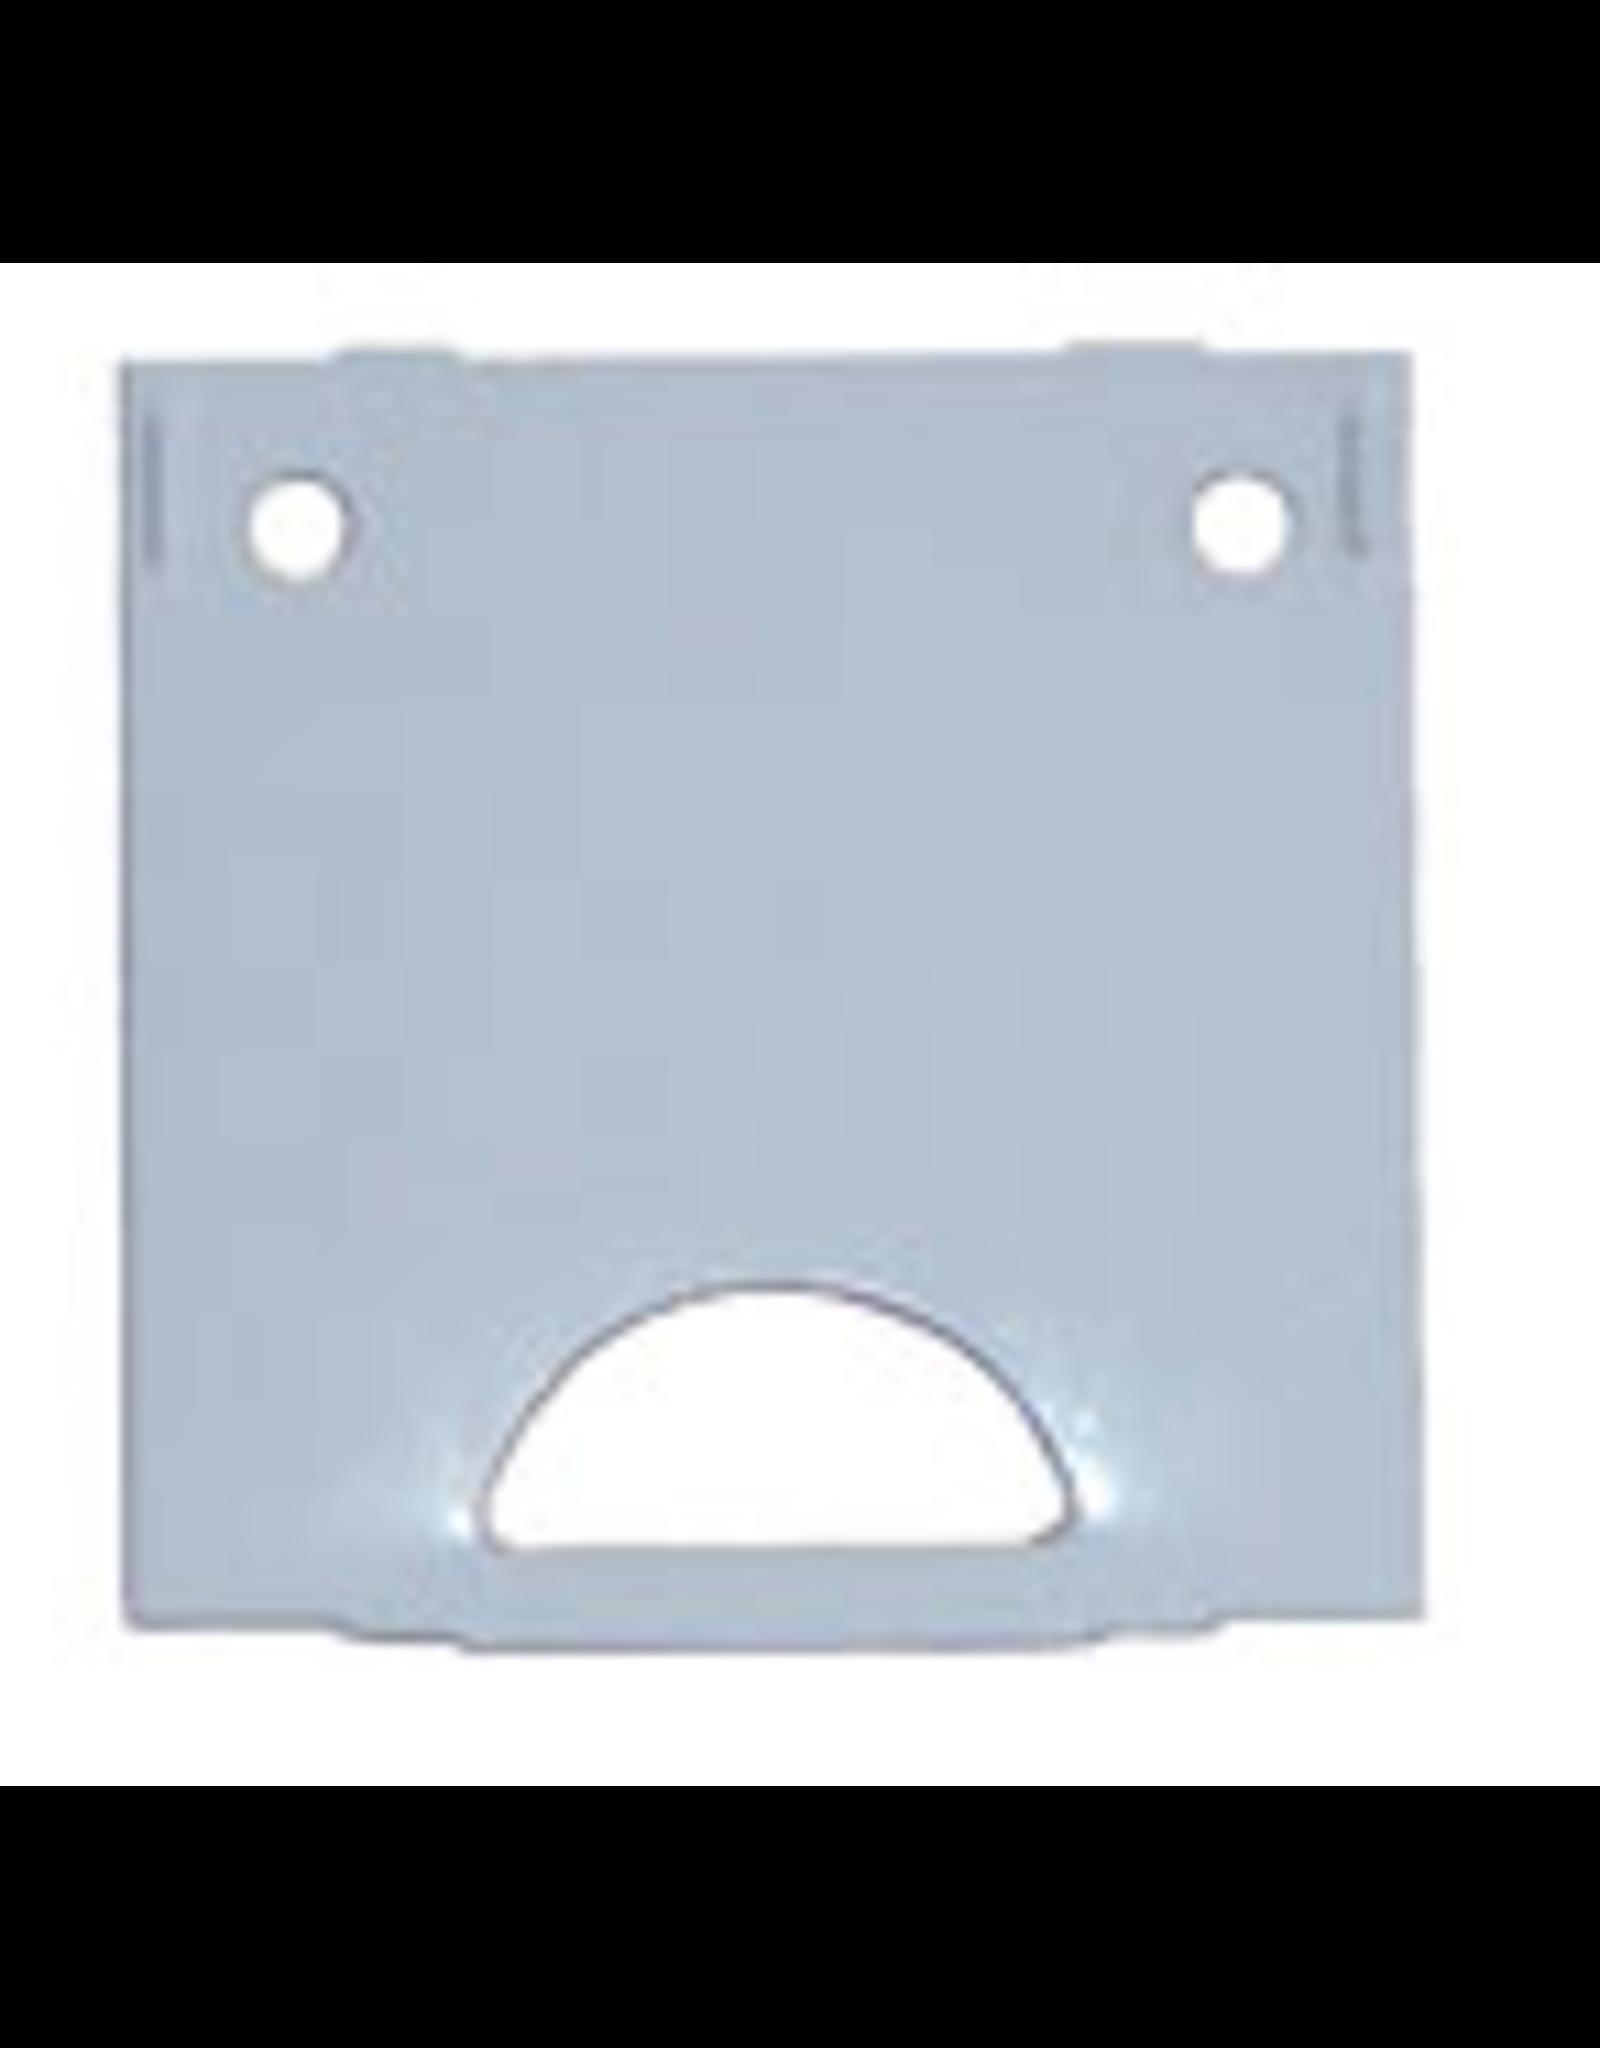 Erva ETCD1 1 Starling cover cresent door